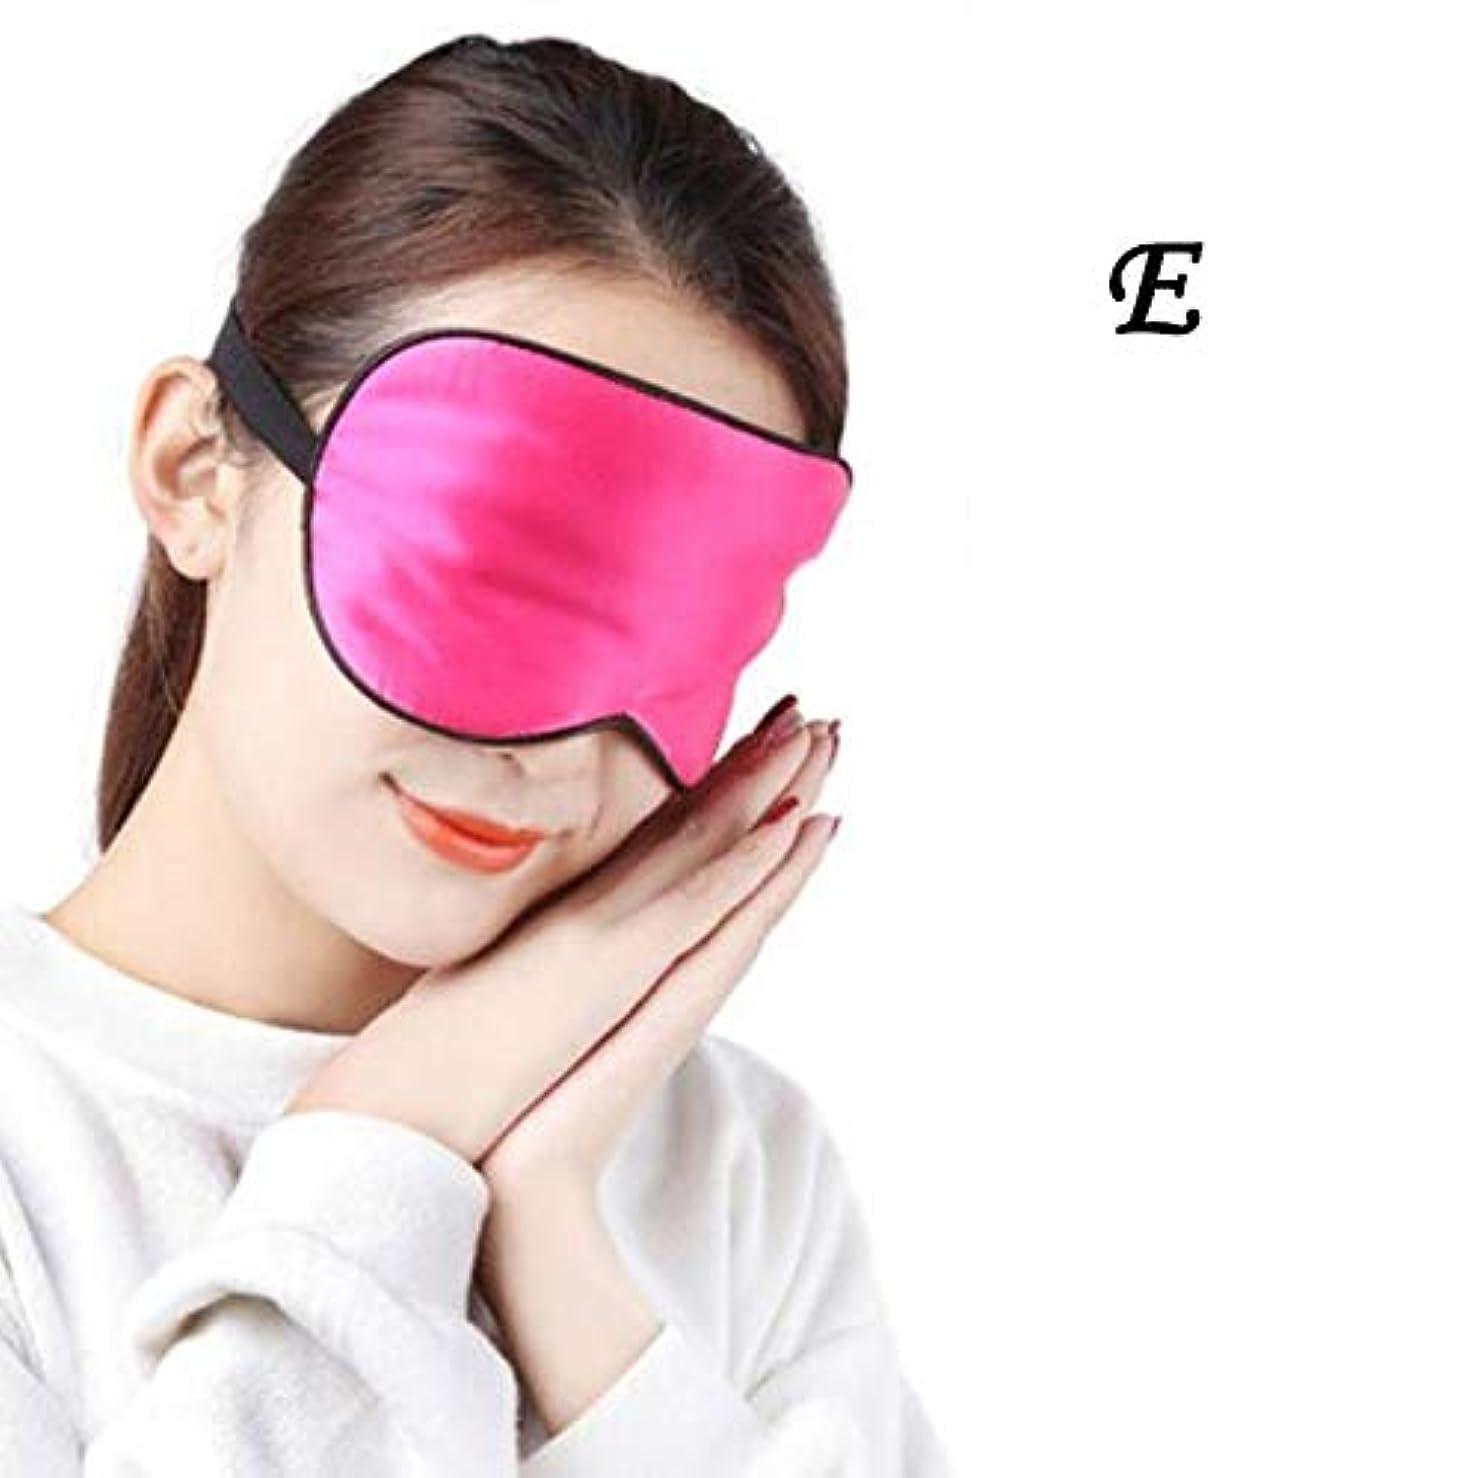 ライド円形の用語集NOTE HANRIVER 2018シルクアイマスク、目の疲れを軽減する通気性の男性と女性の睡眠睡眠コールドアイプロテクション